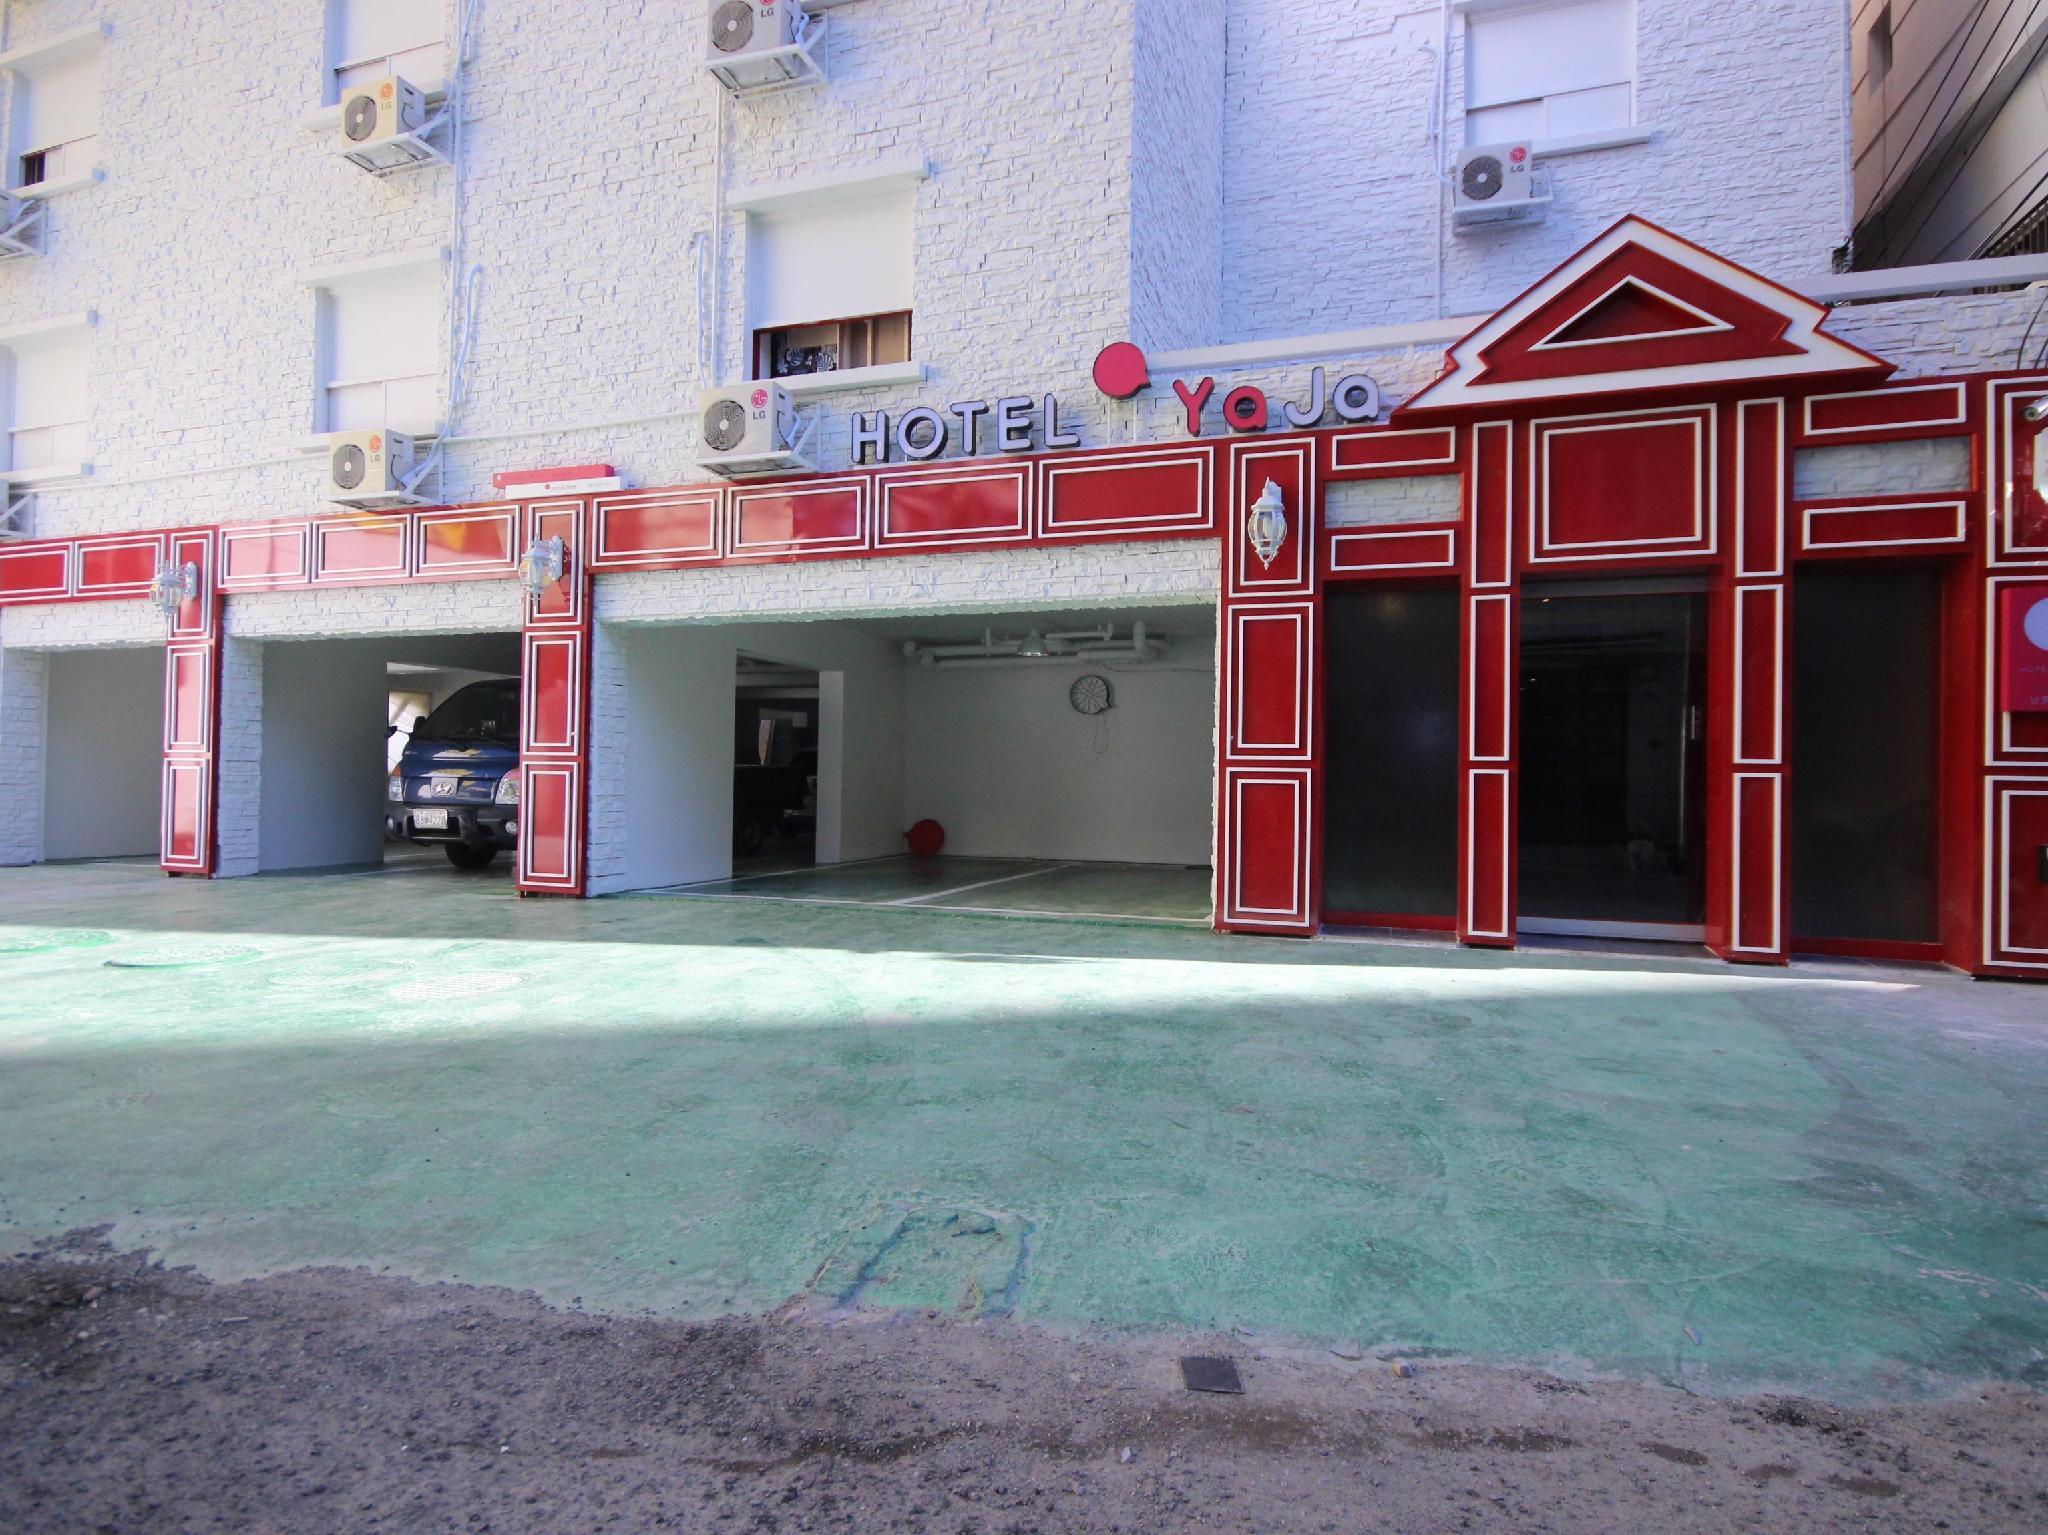 โรงแรม  ยาจา นัมโป ลอตเต้ ดีพาร์ตเมนท์  (Hotel Yaja Nampo Lotte Department)